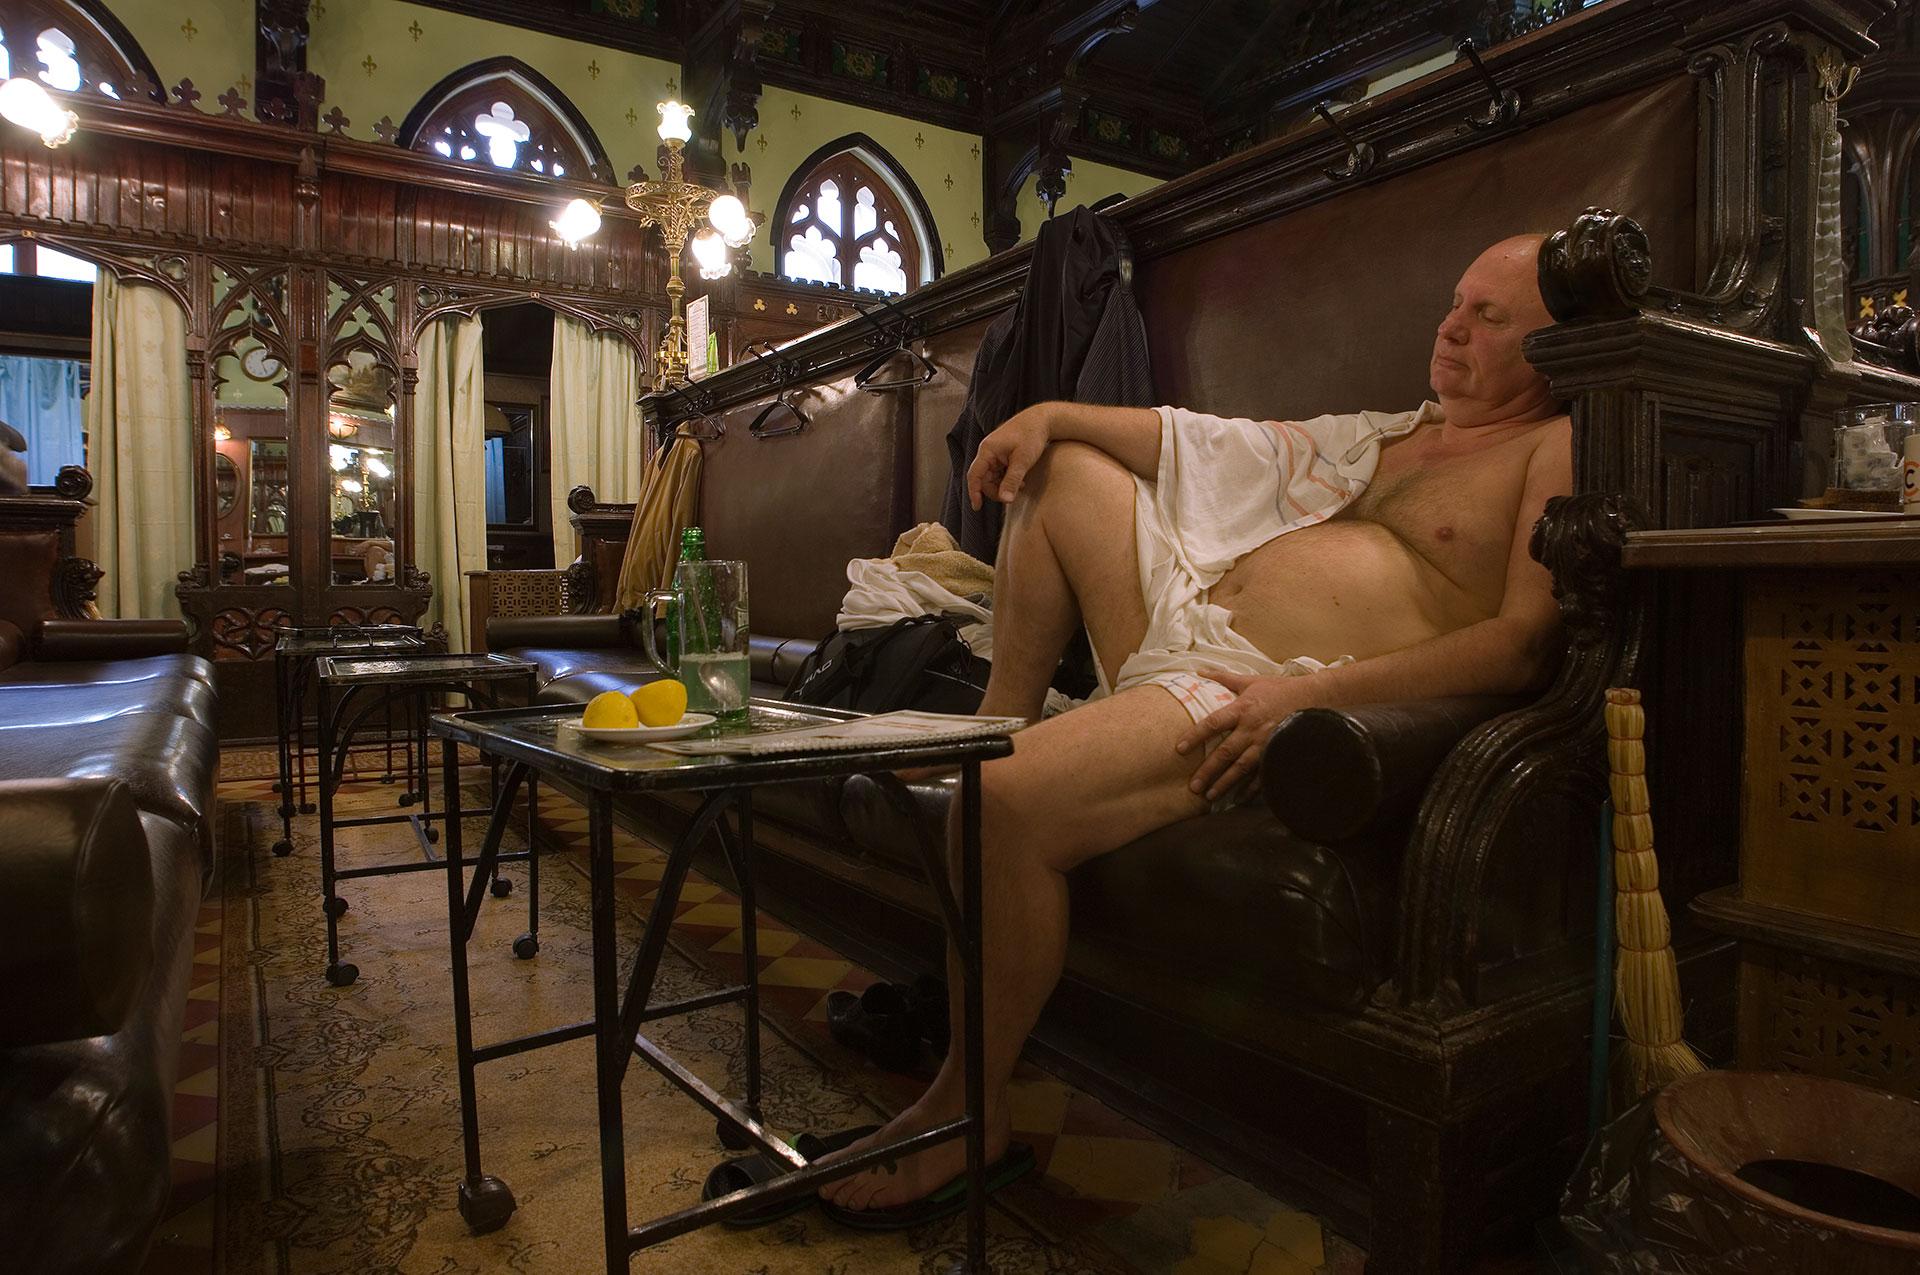 In Moskau im ältesten Badehauses der Stadt dem Sanduny entspannt ein Mann im historischen Ruheraum